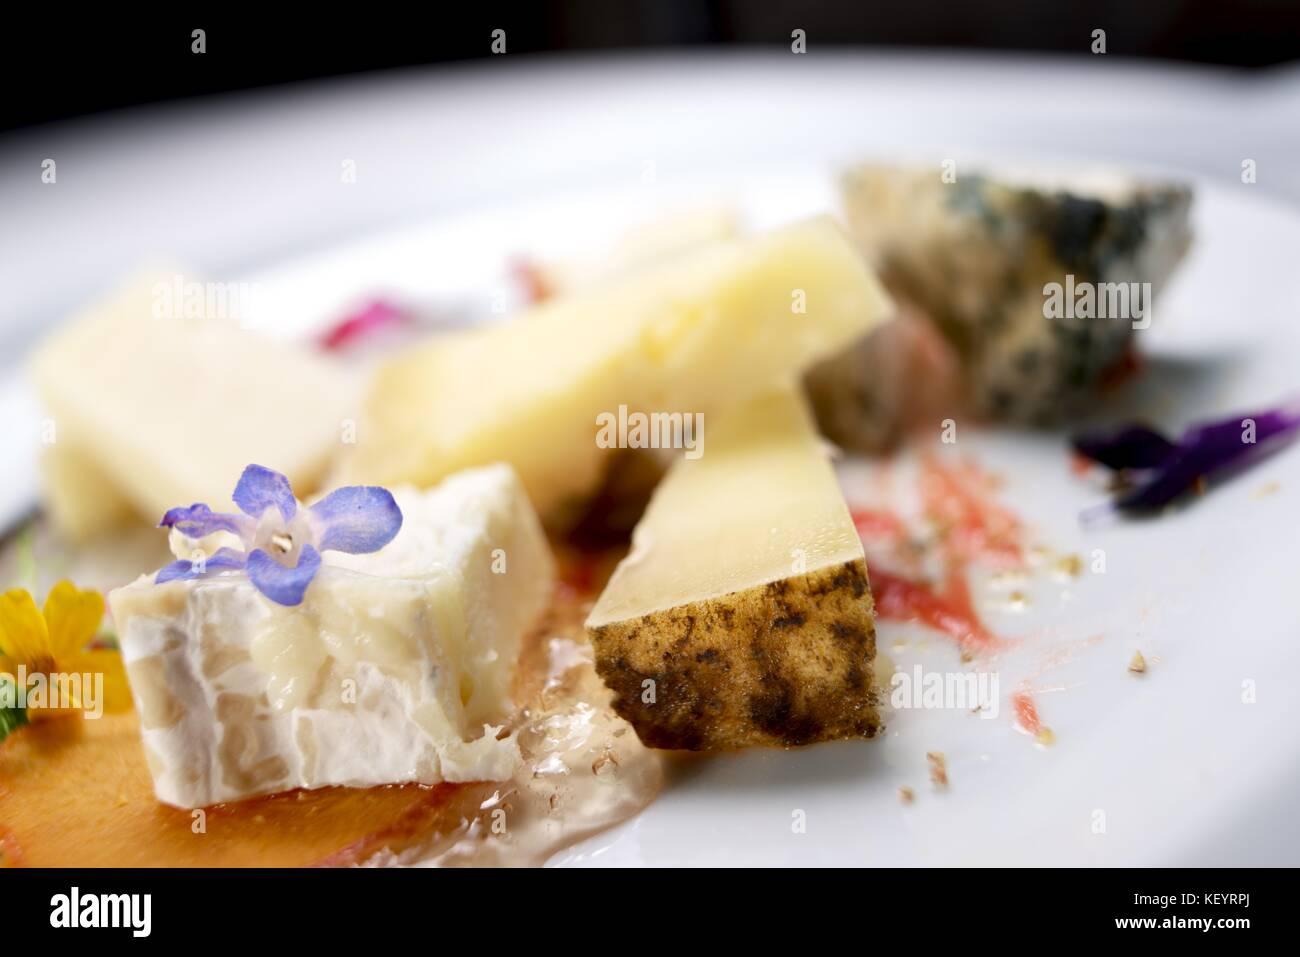 Beaucoup de variétés de fromage sur un tableau blanc. Photo Stock